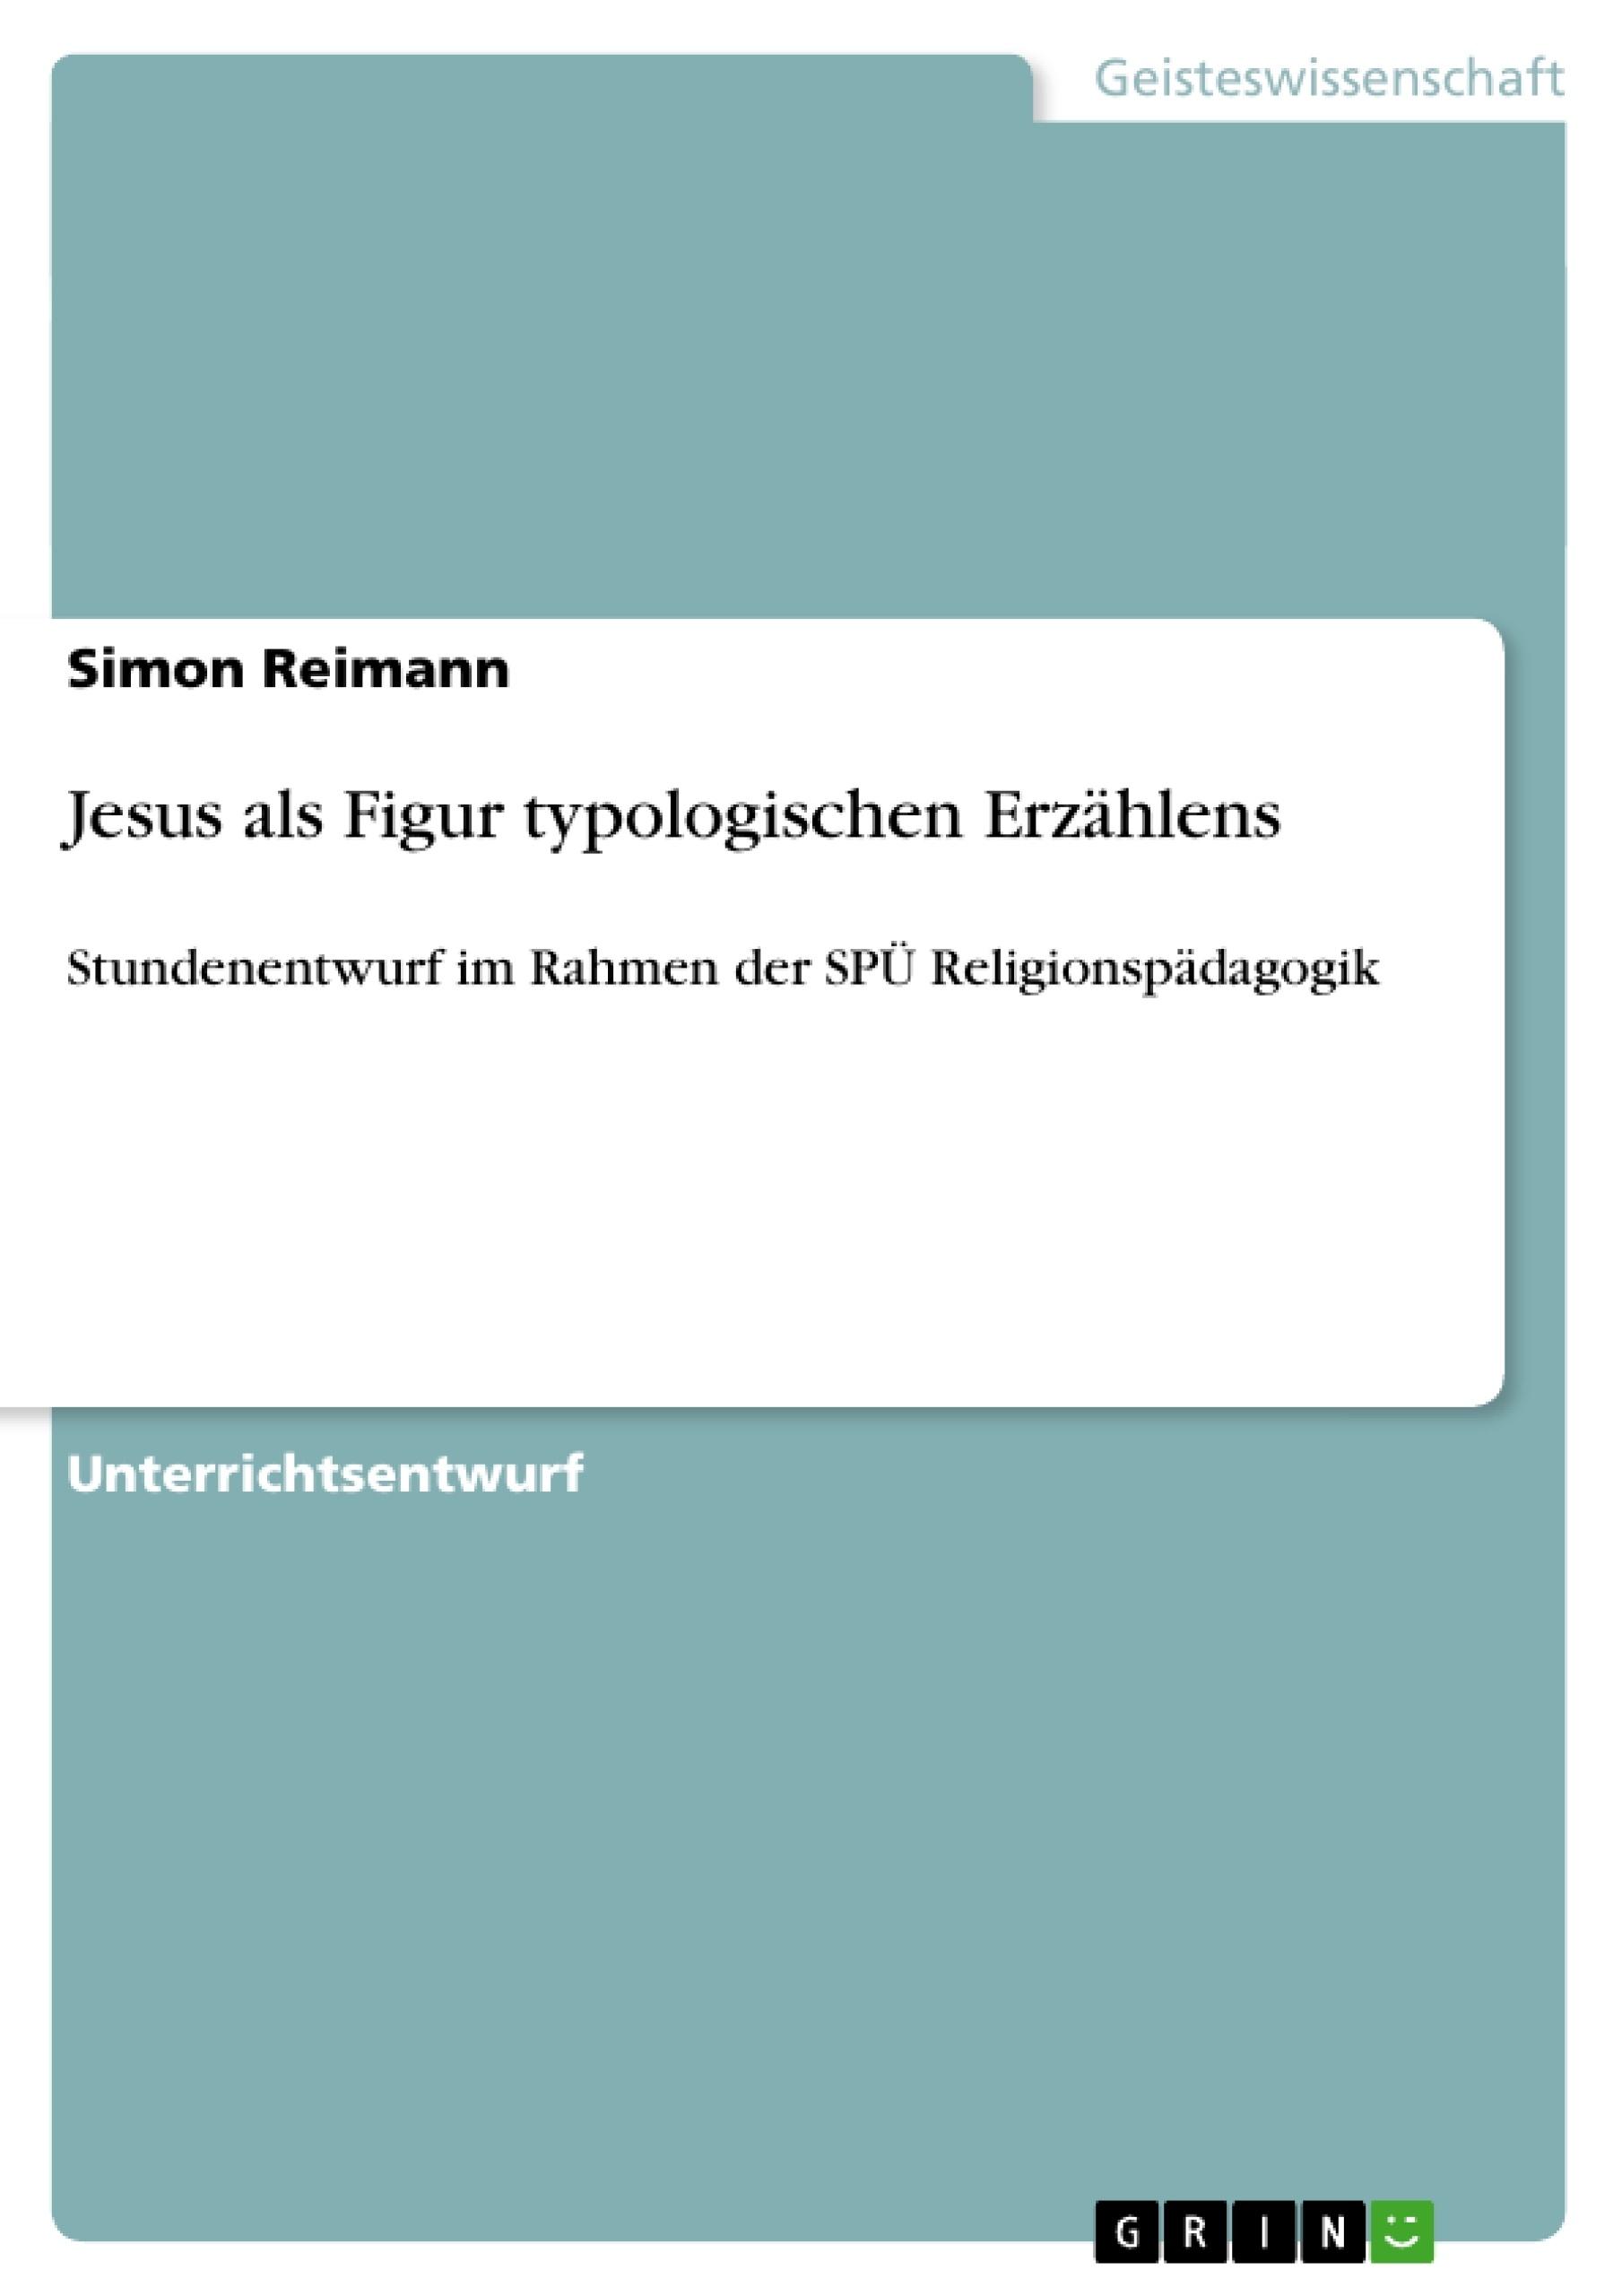 Titel: Jesus als Figur typologischen Erzählens